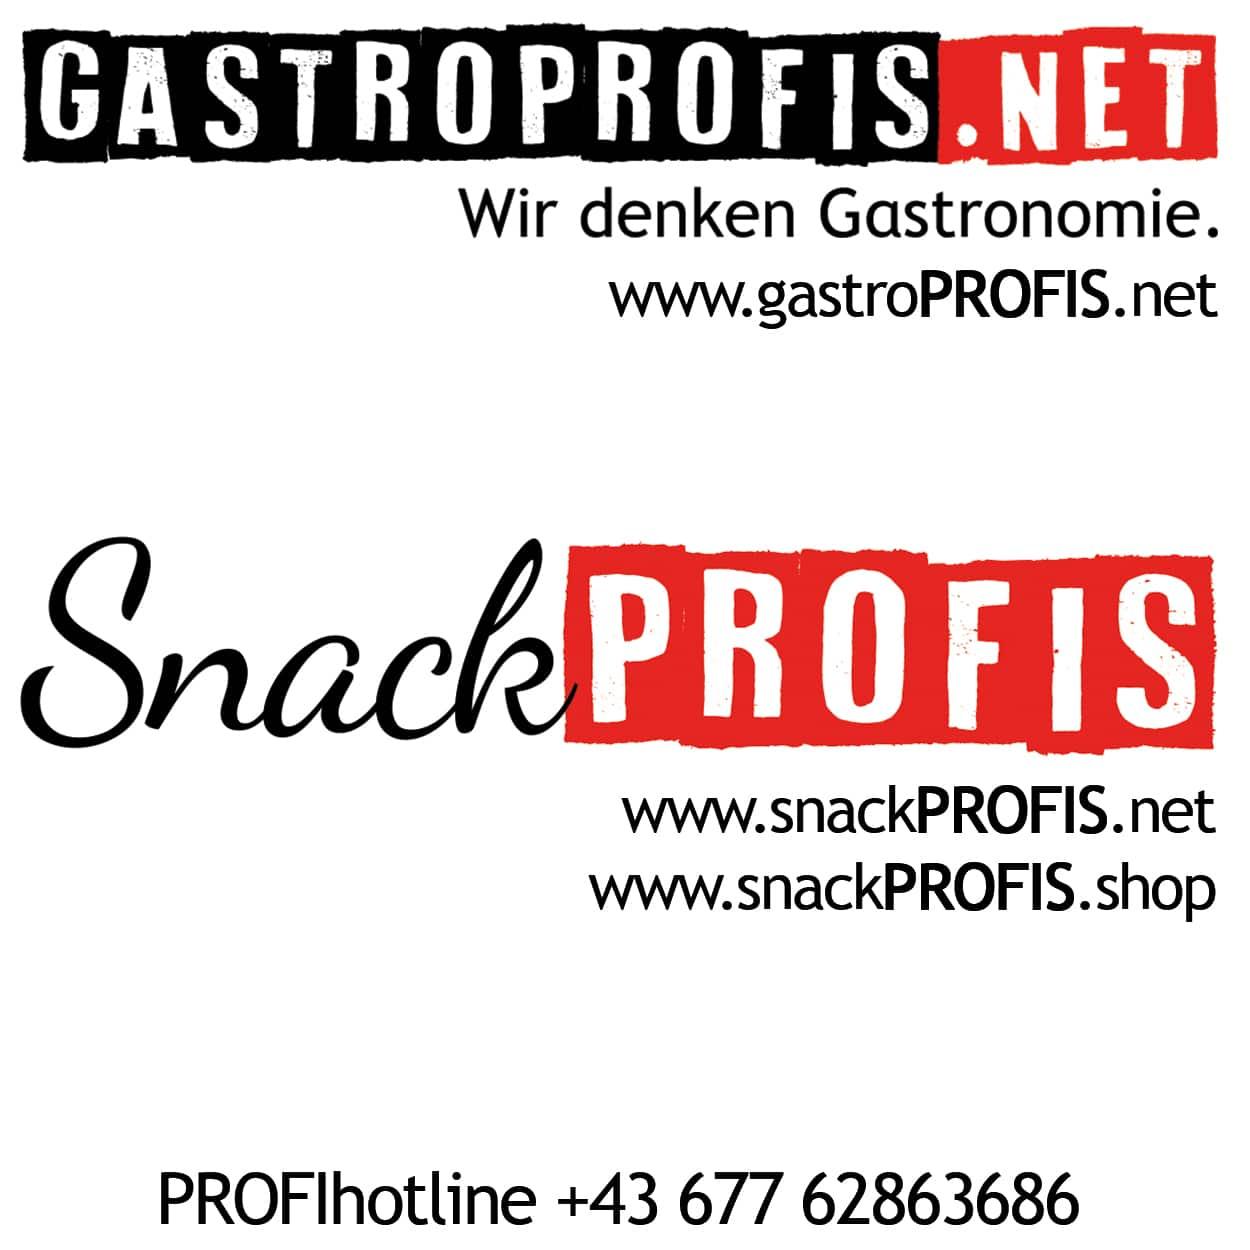 gastroPROFIS ° snackPROFIS ° Sascha Wenderoth | Konzepte für Gastronomie, Hotellerie und den Snackbereich